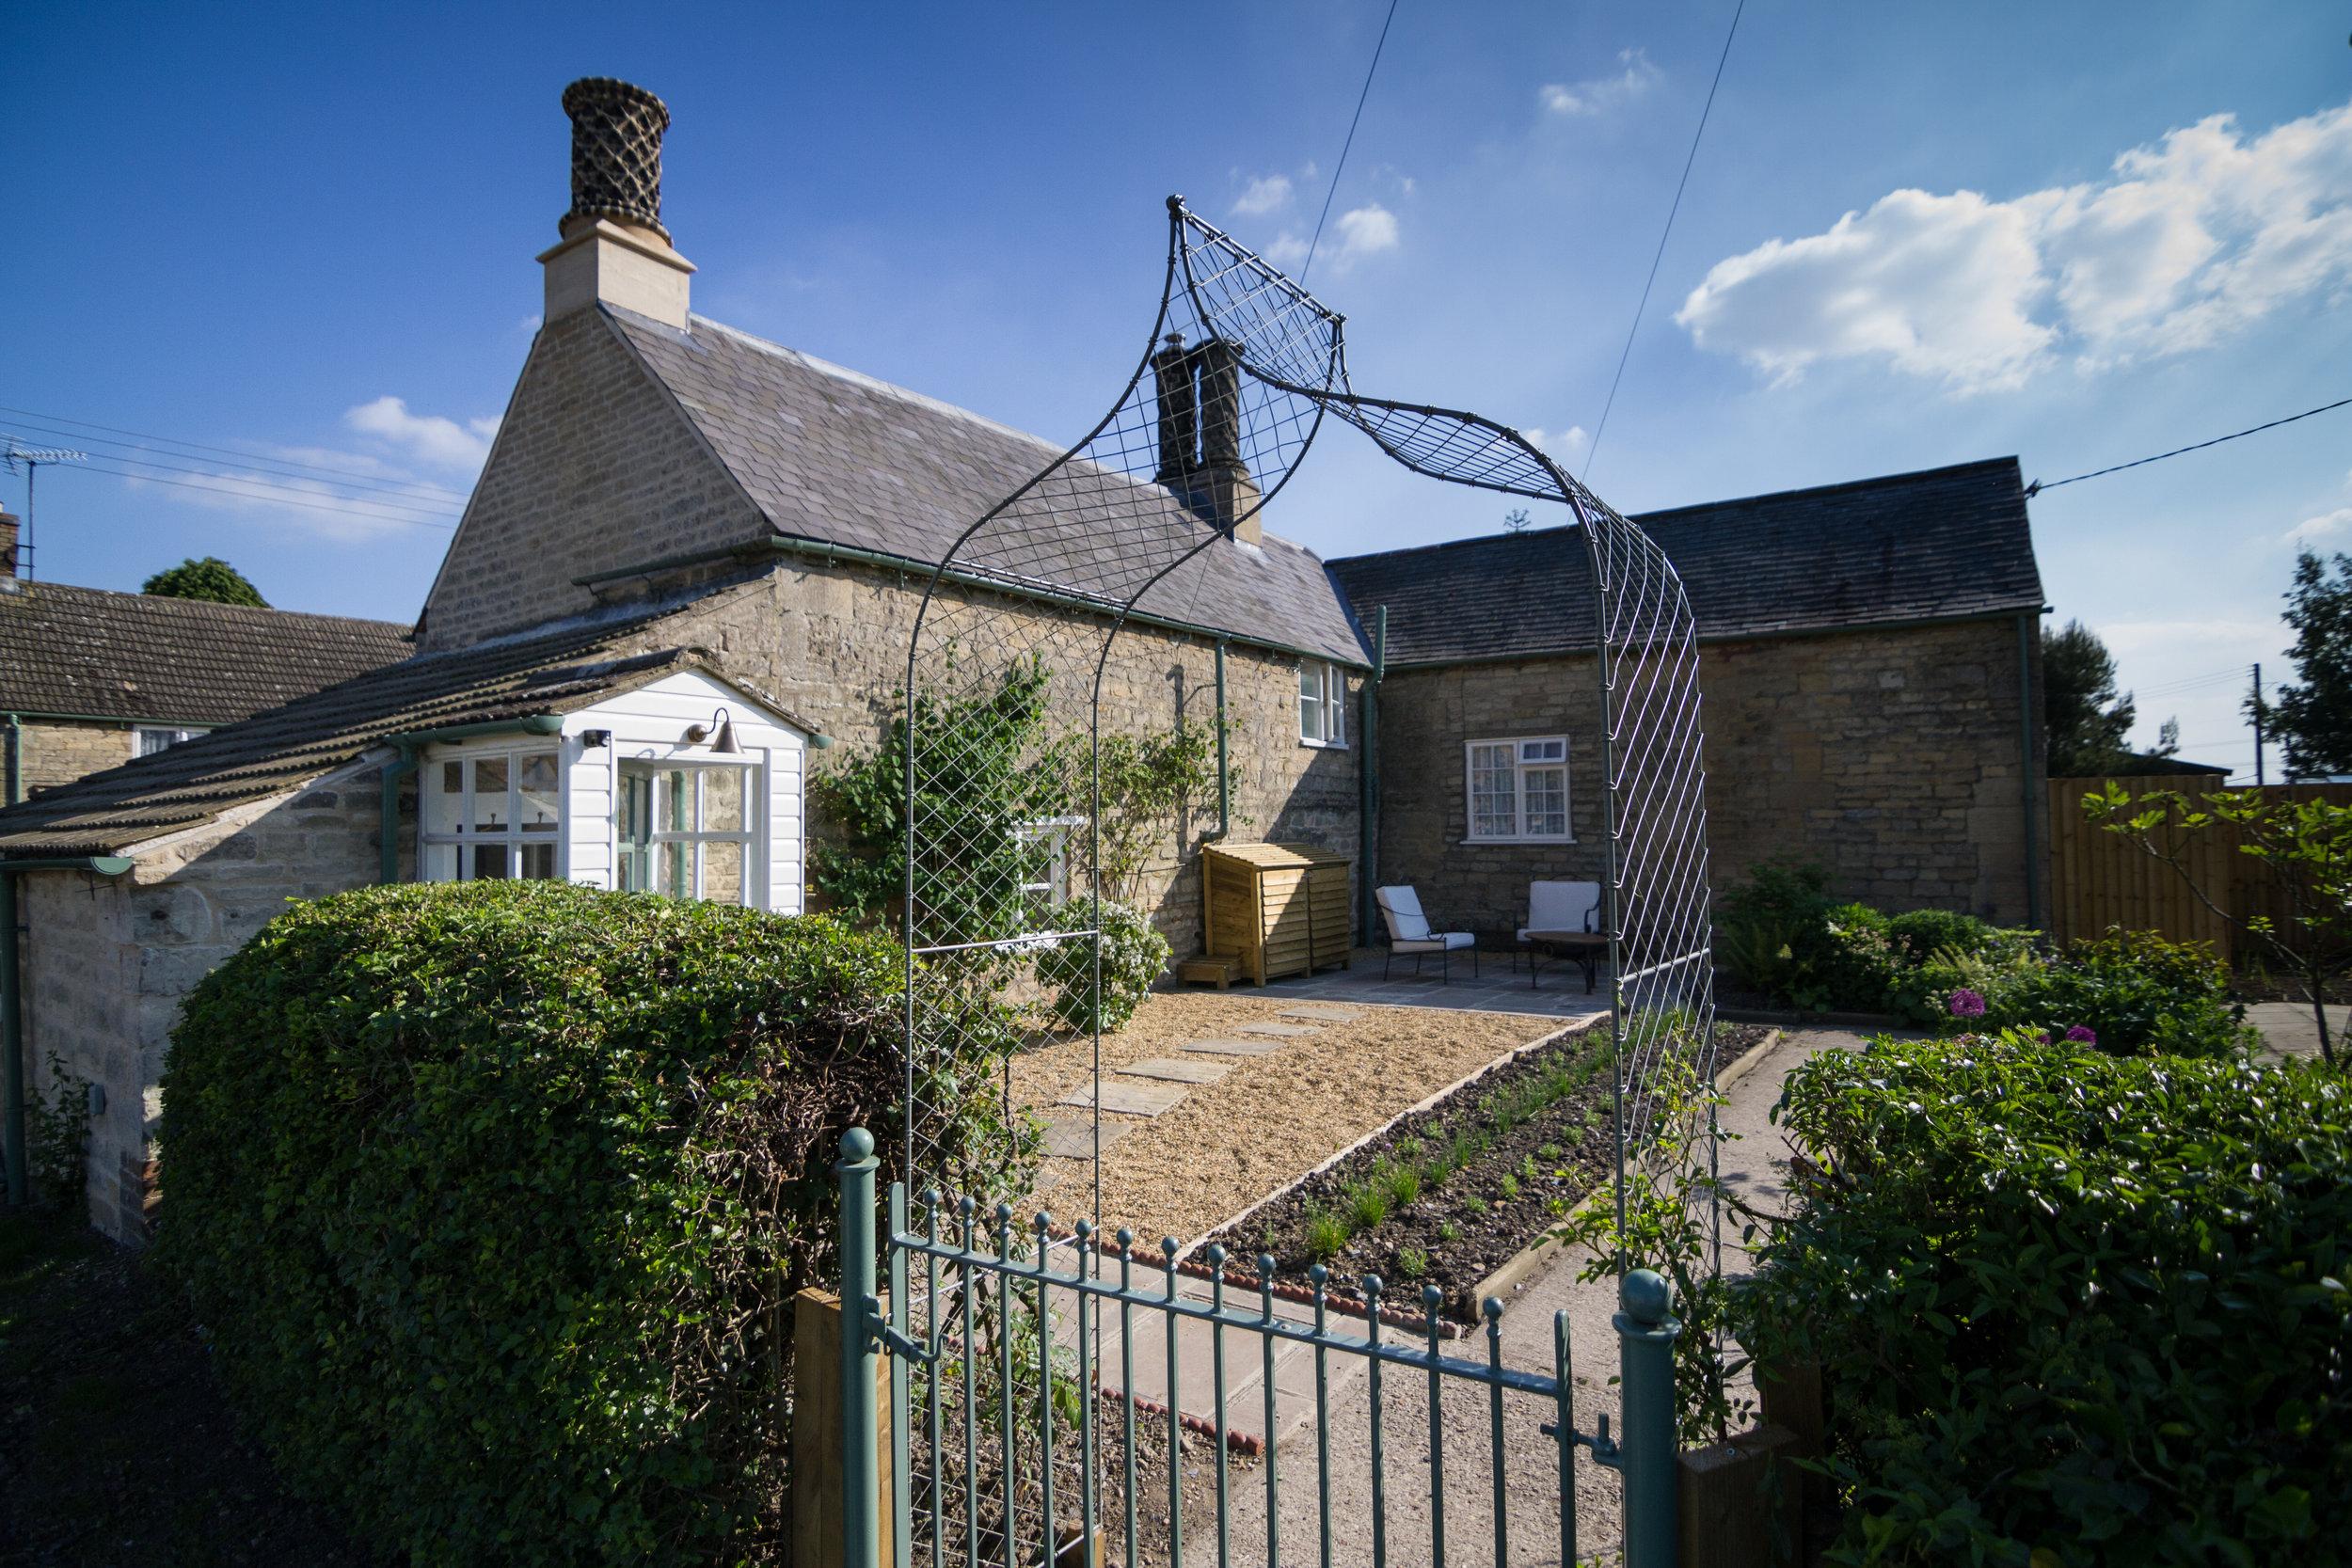 The School House Burton-le-Coggles